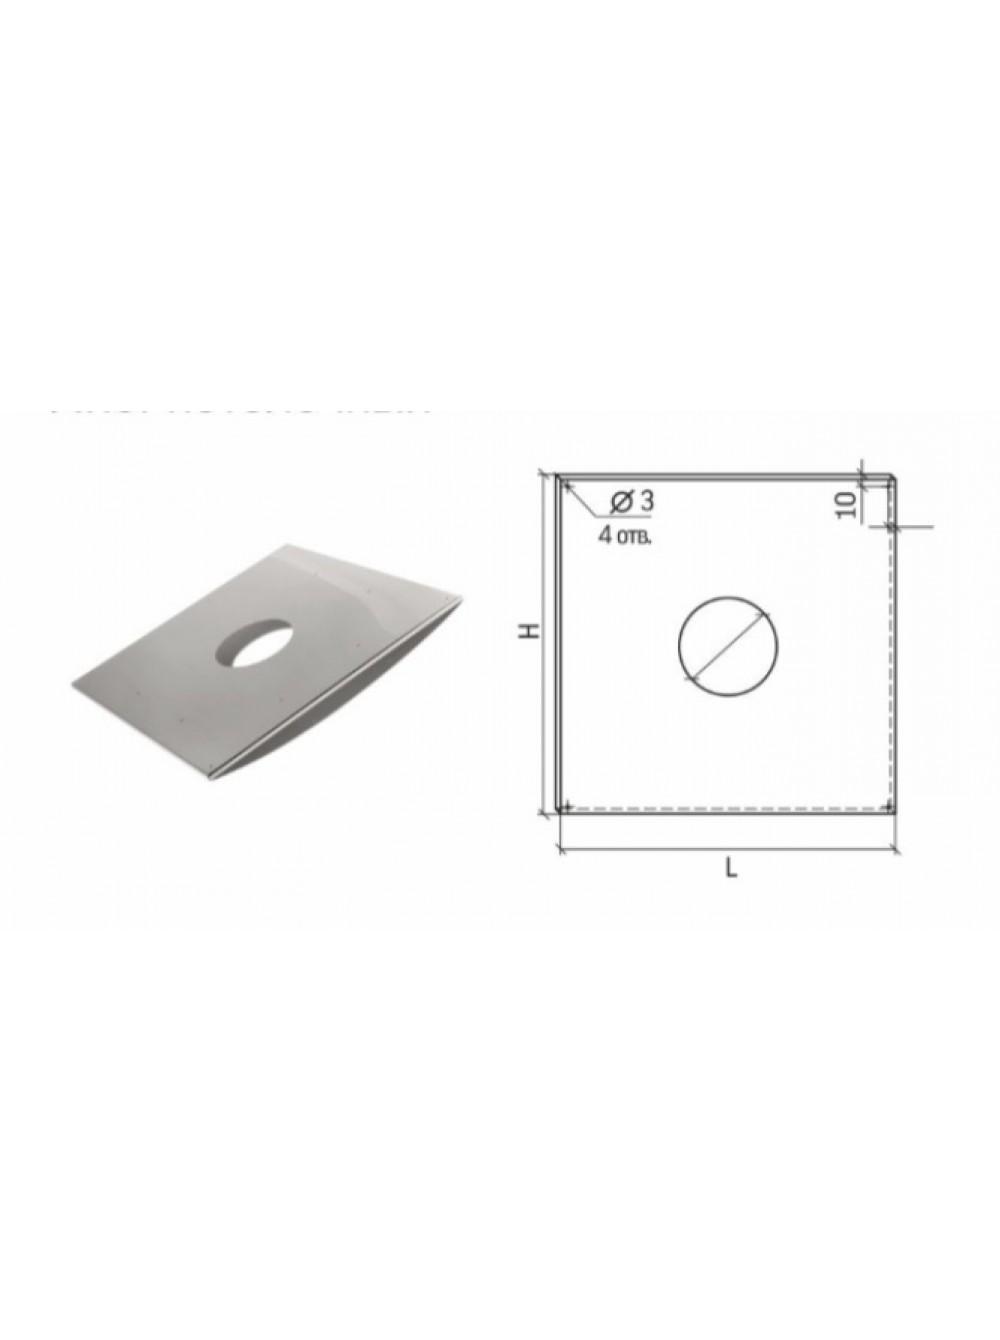 Лист Потолочный Универсальный ЛПУ-Р 500x500 D130-150